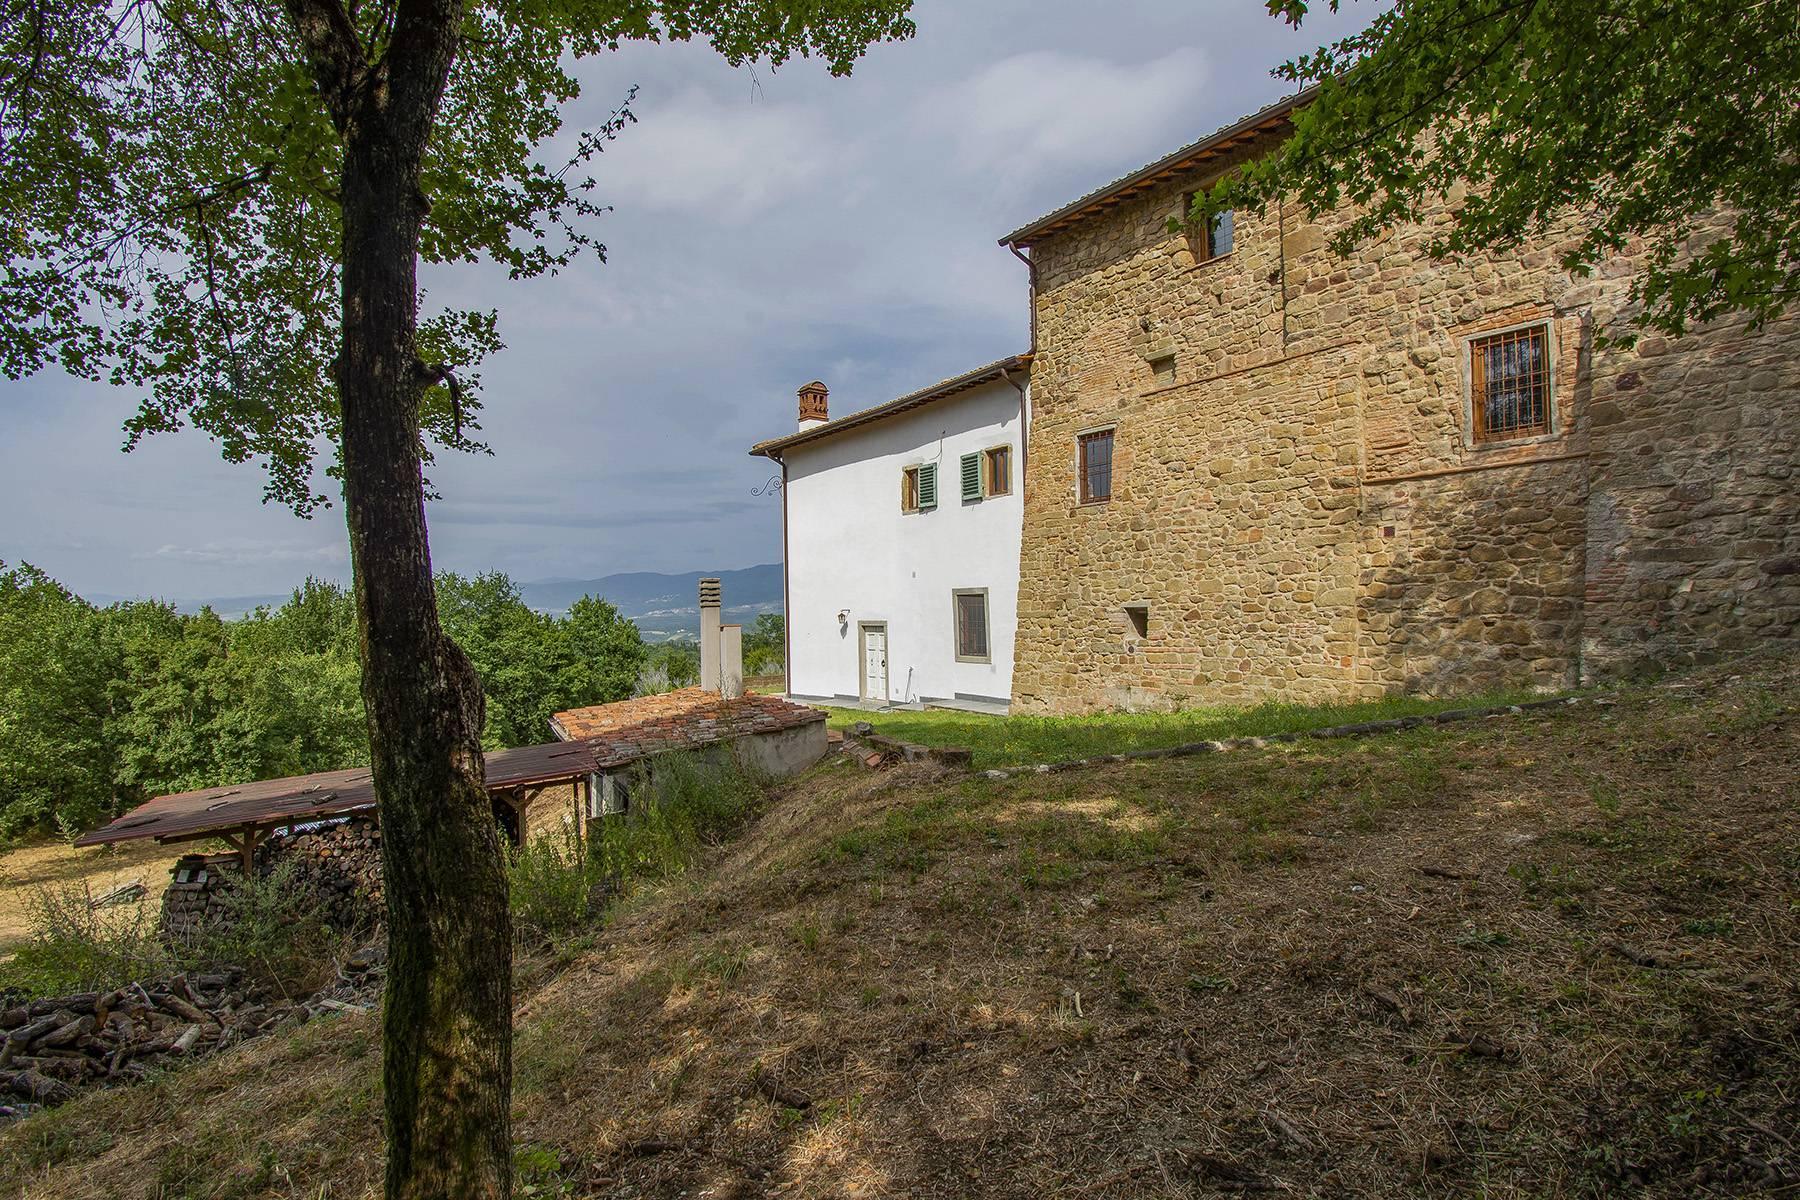 Panorama-Renaissance-Villa mit Garten im italienischen Stil - 34